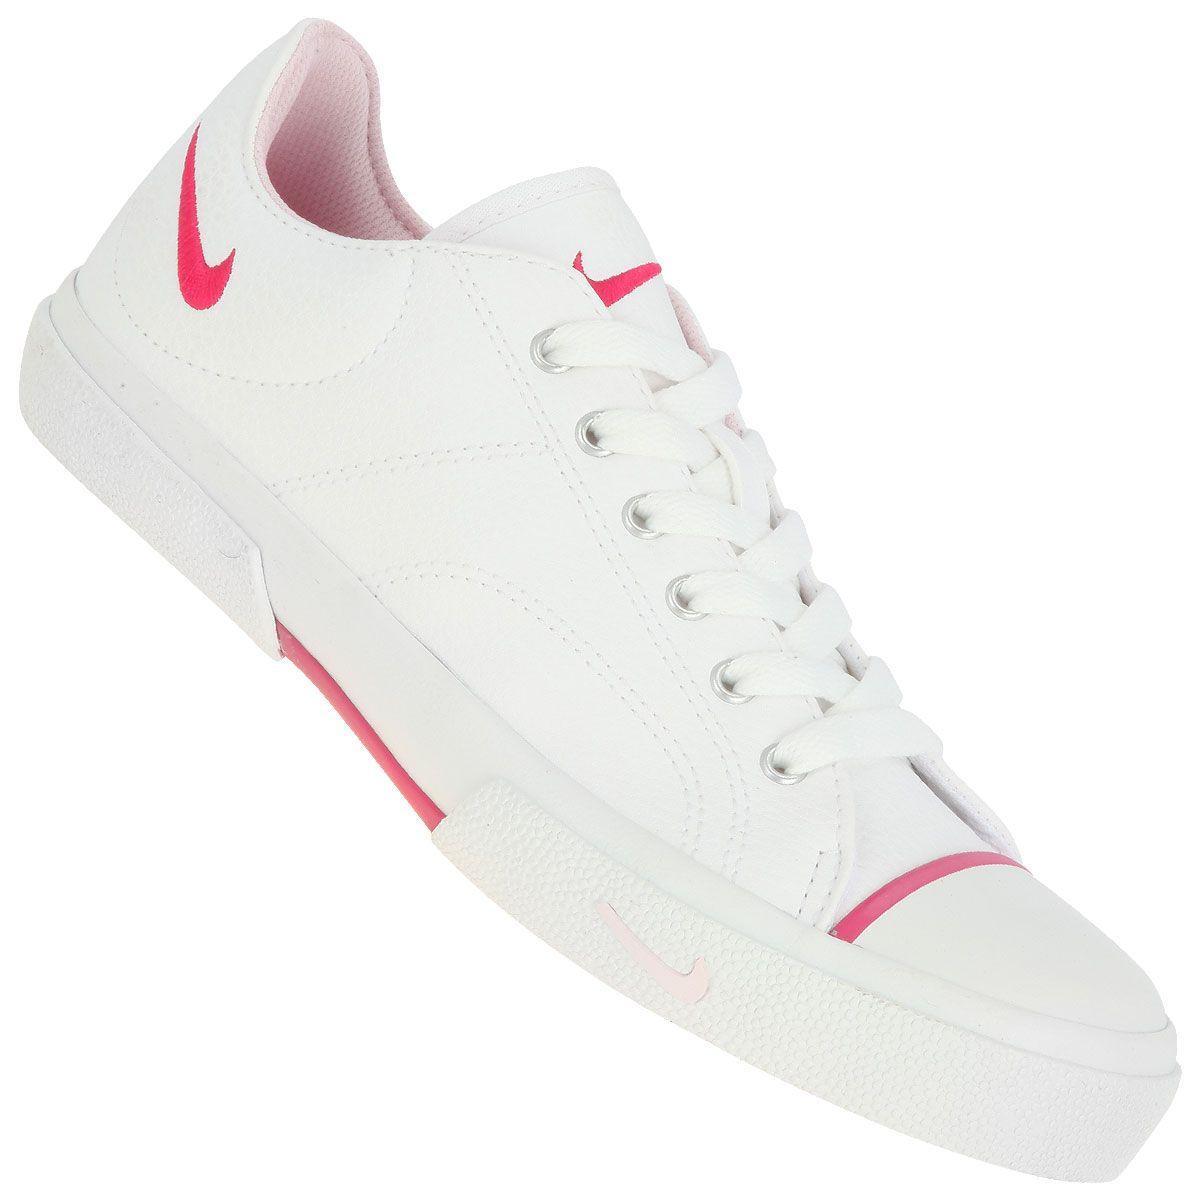 Tênis Nike Biscuit Sl Feminino Roupas Acessórios Em